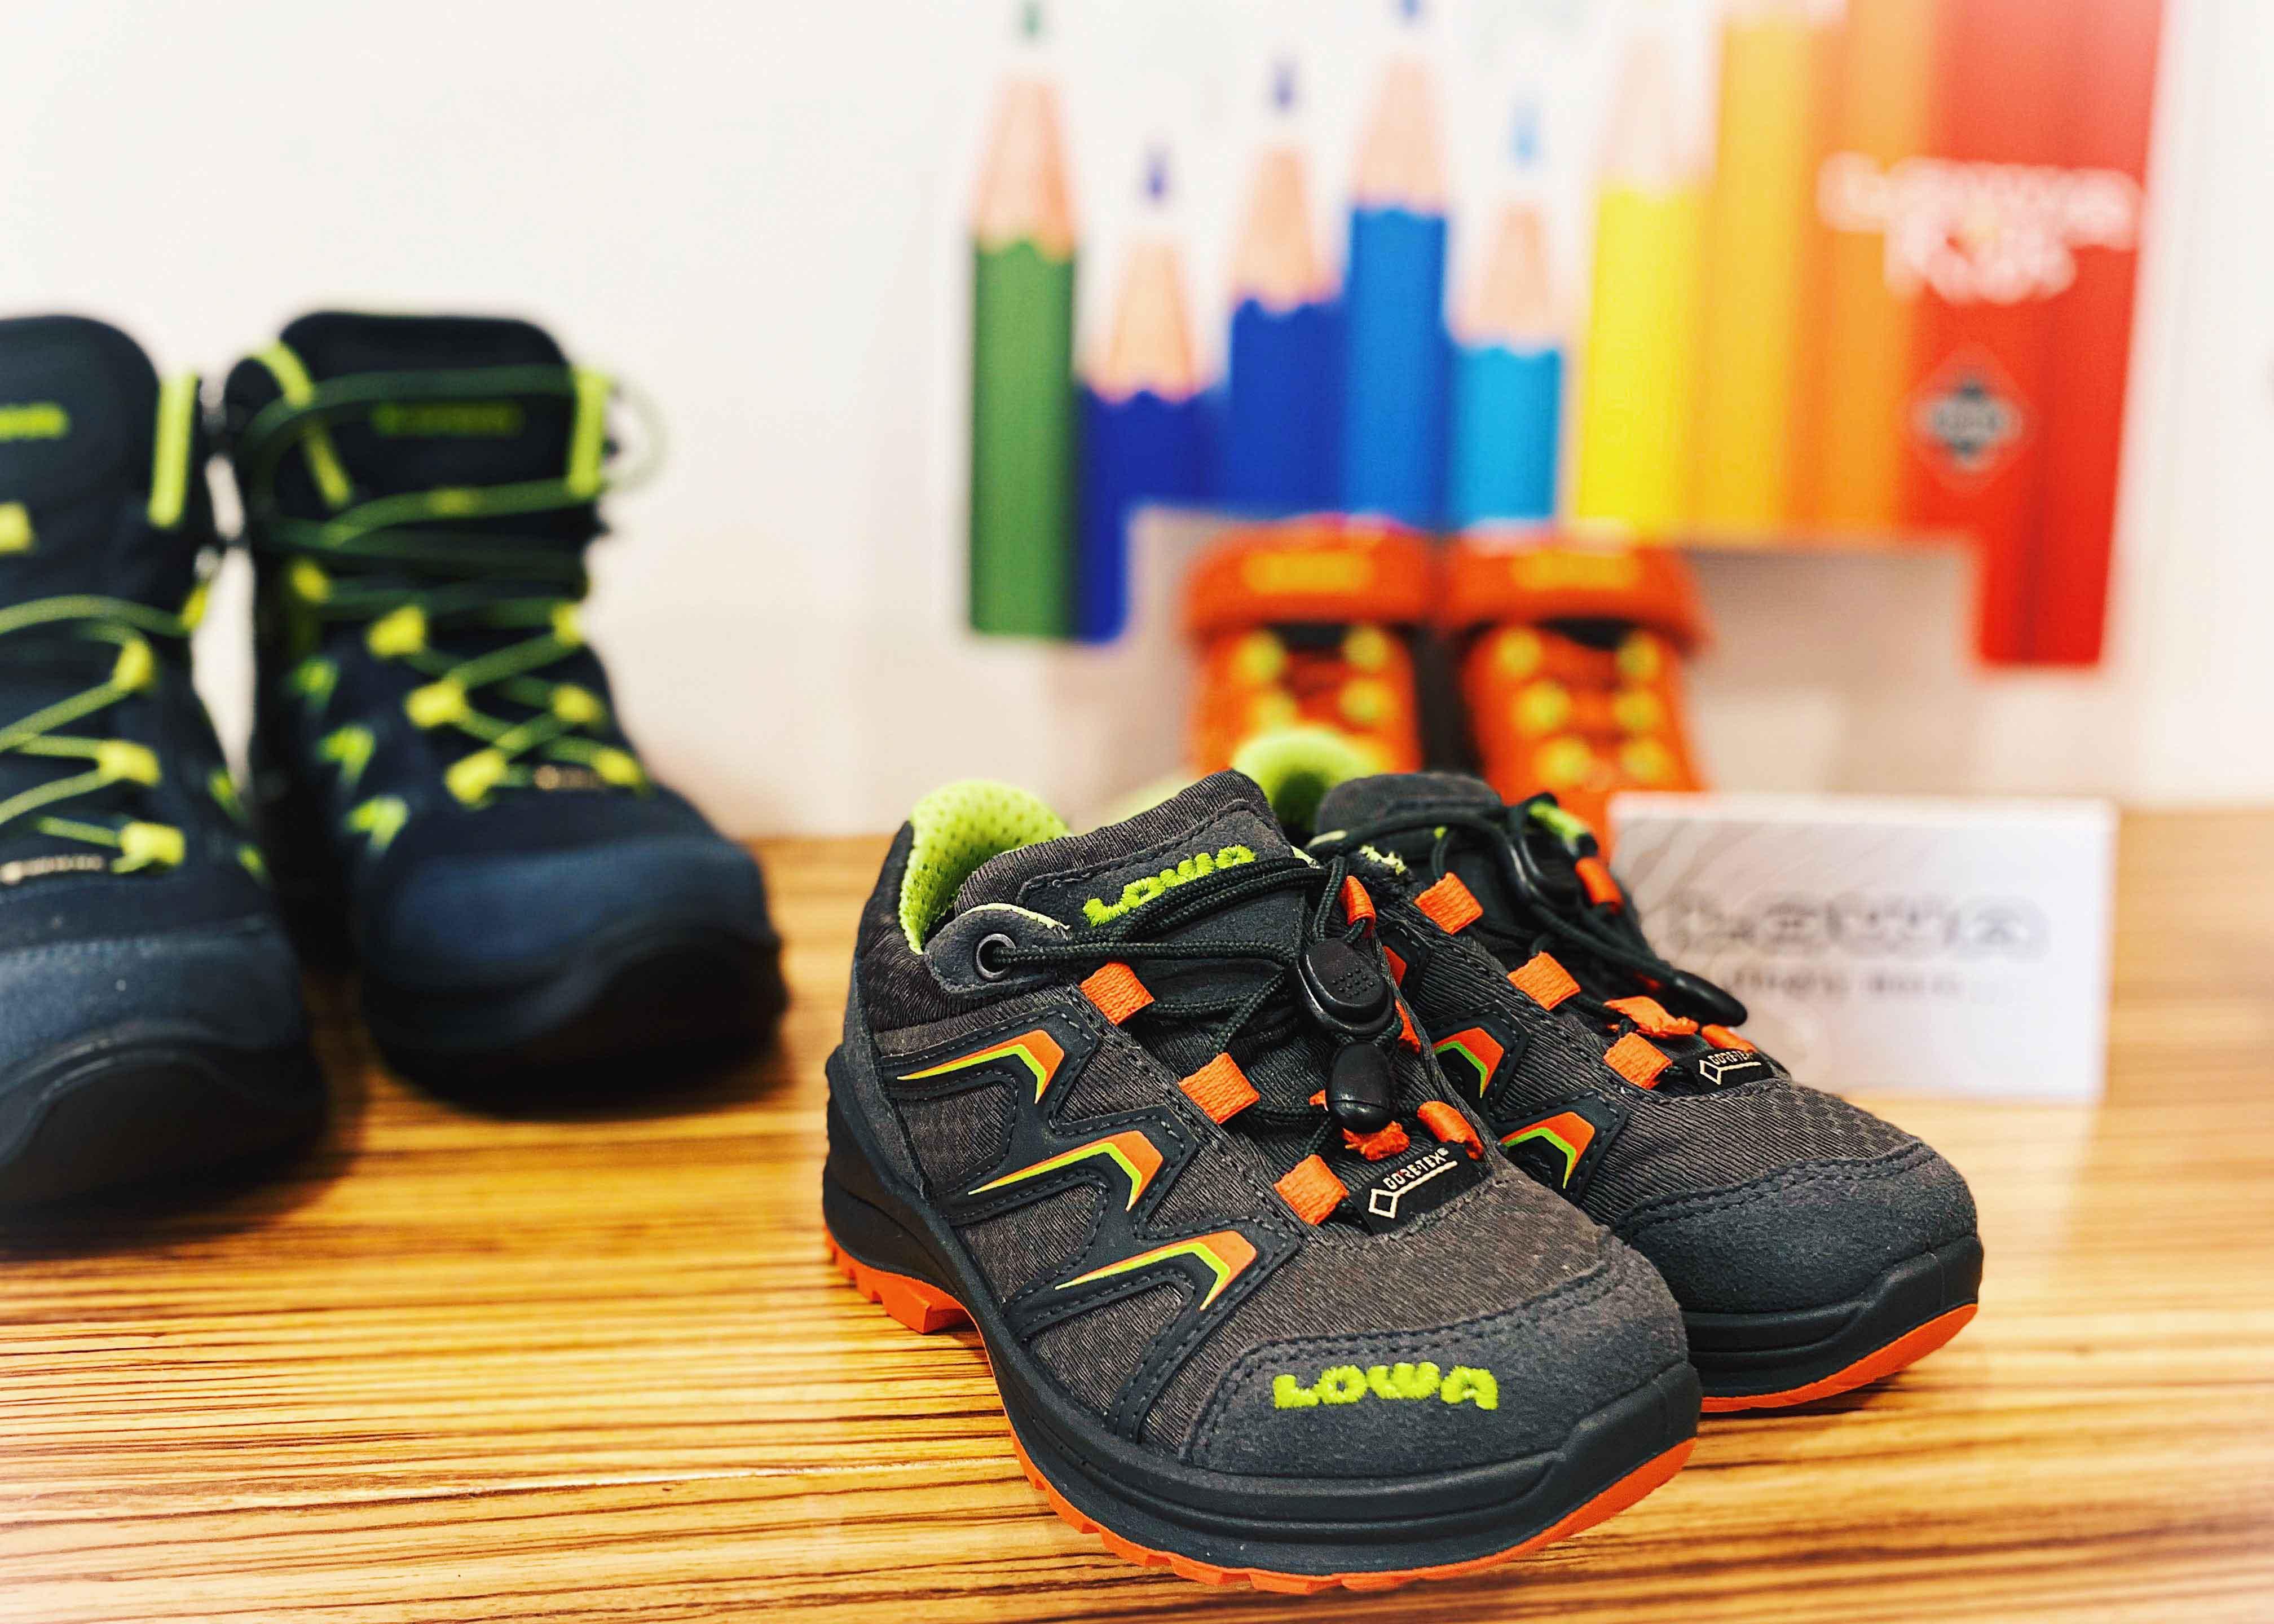 Praktische Outdoor-Schuhe